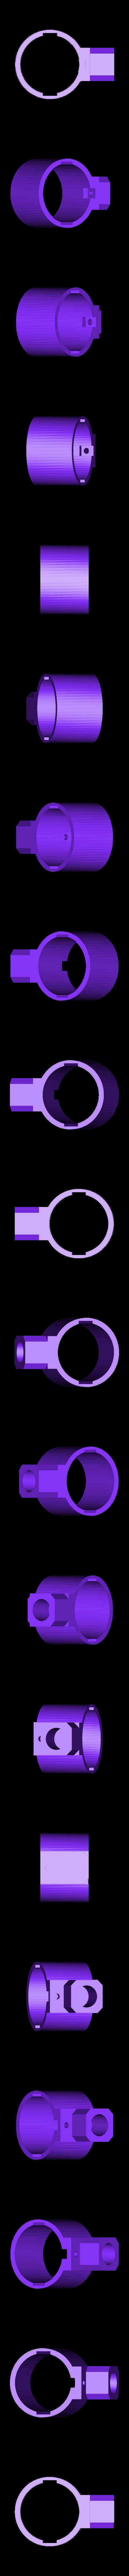 MSHolder.stl Télécharger fichier STL gratuit Support de microscope USB • Design pour impression 3D, Duskwin